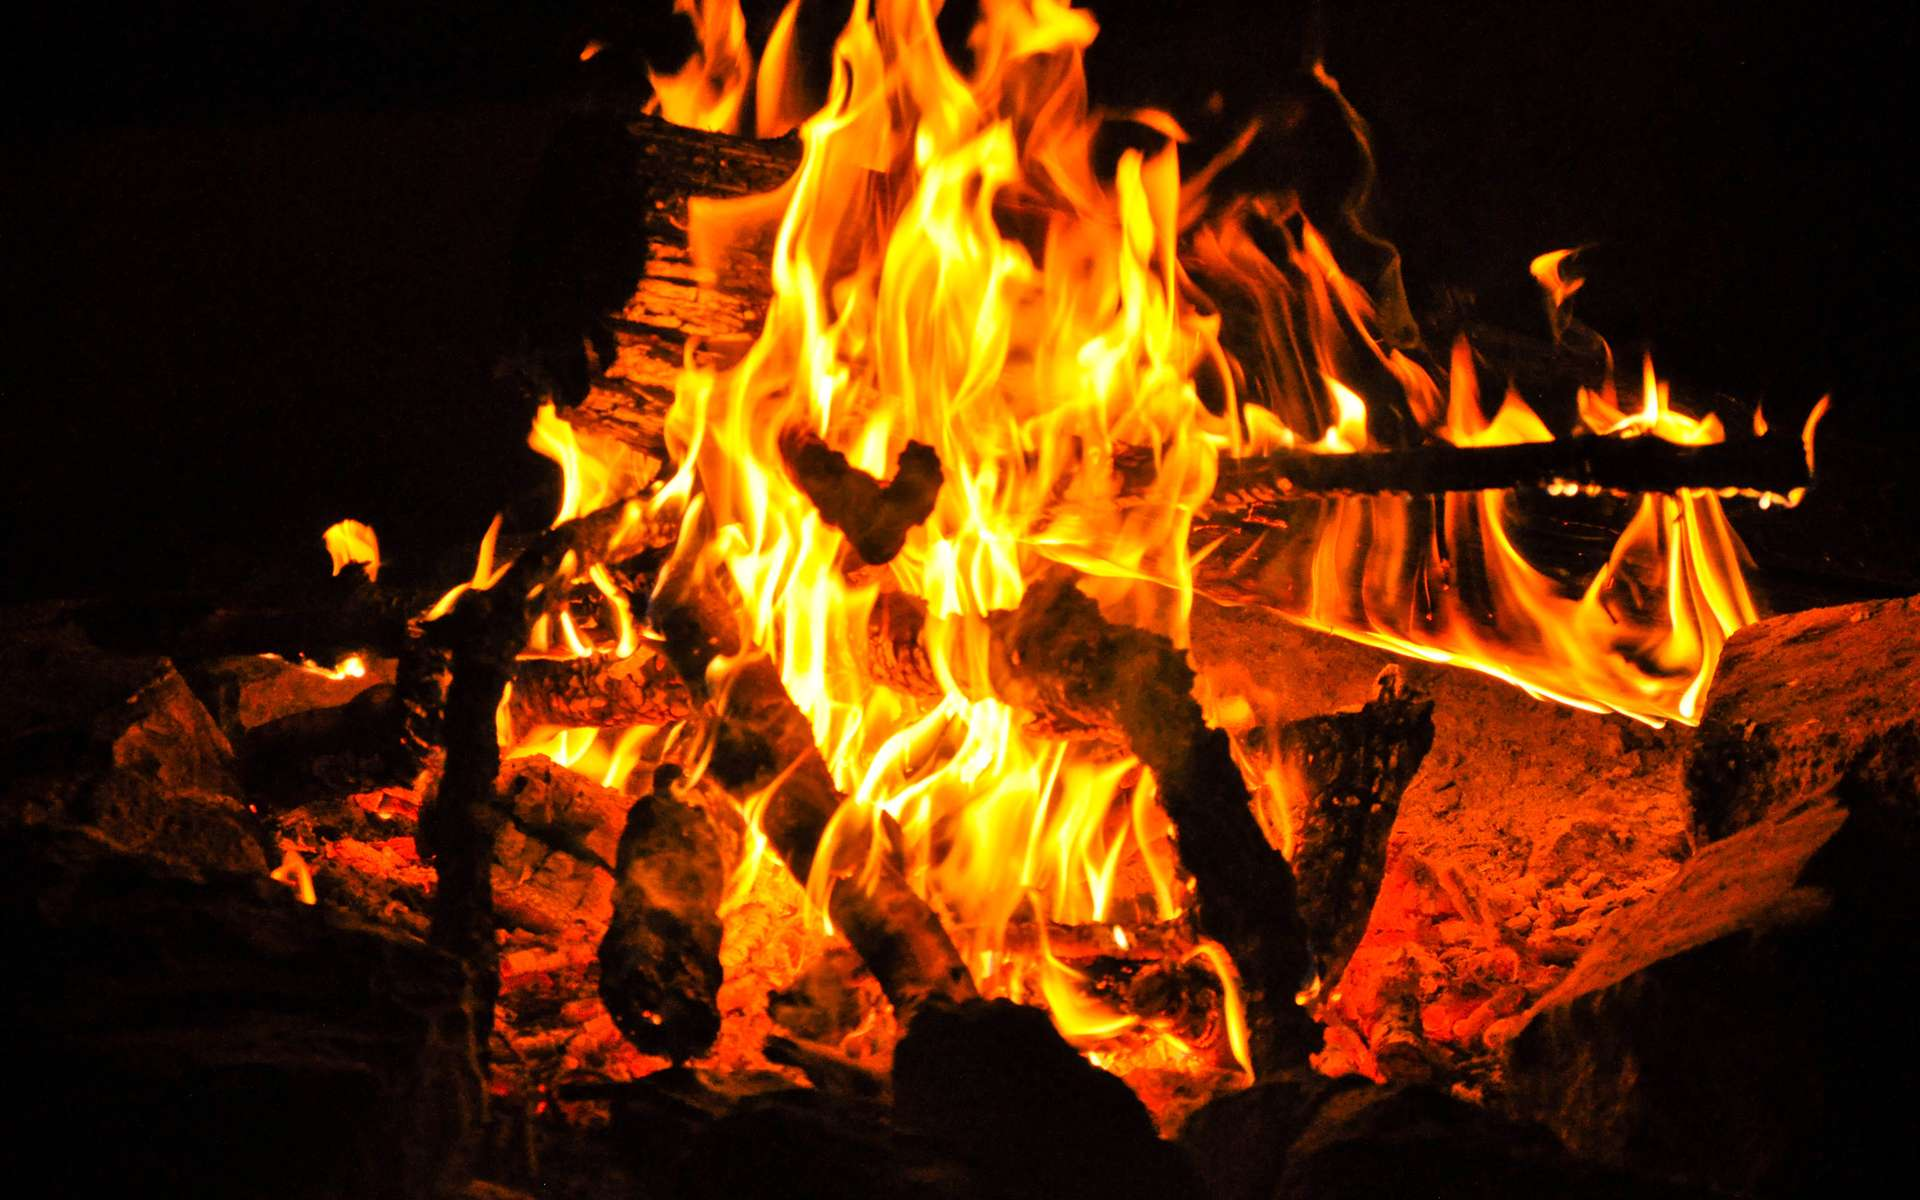 Lorsque la combustion du bois n'est pas efficace, il peut y avoir émission de composés organiques volatils (COV). © MatHelium, Flickr, CC by-nc-nd 2.0